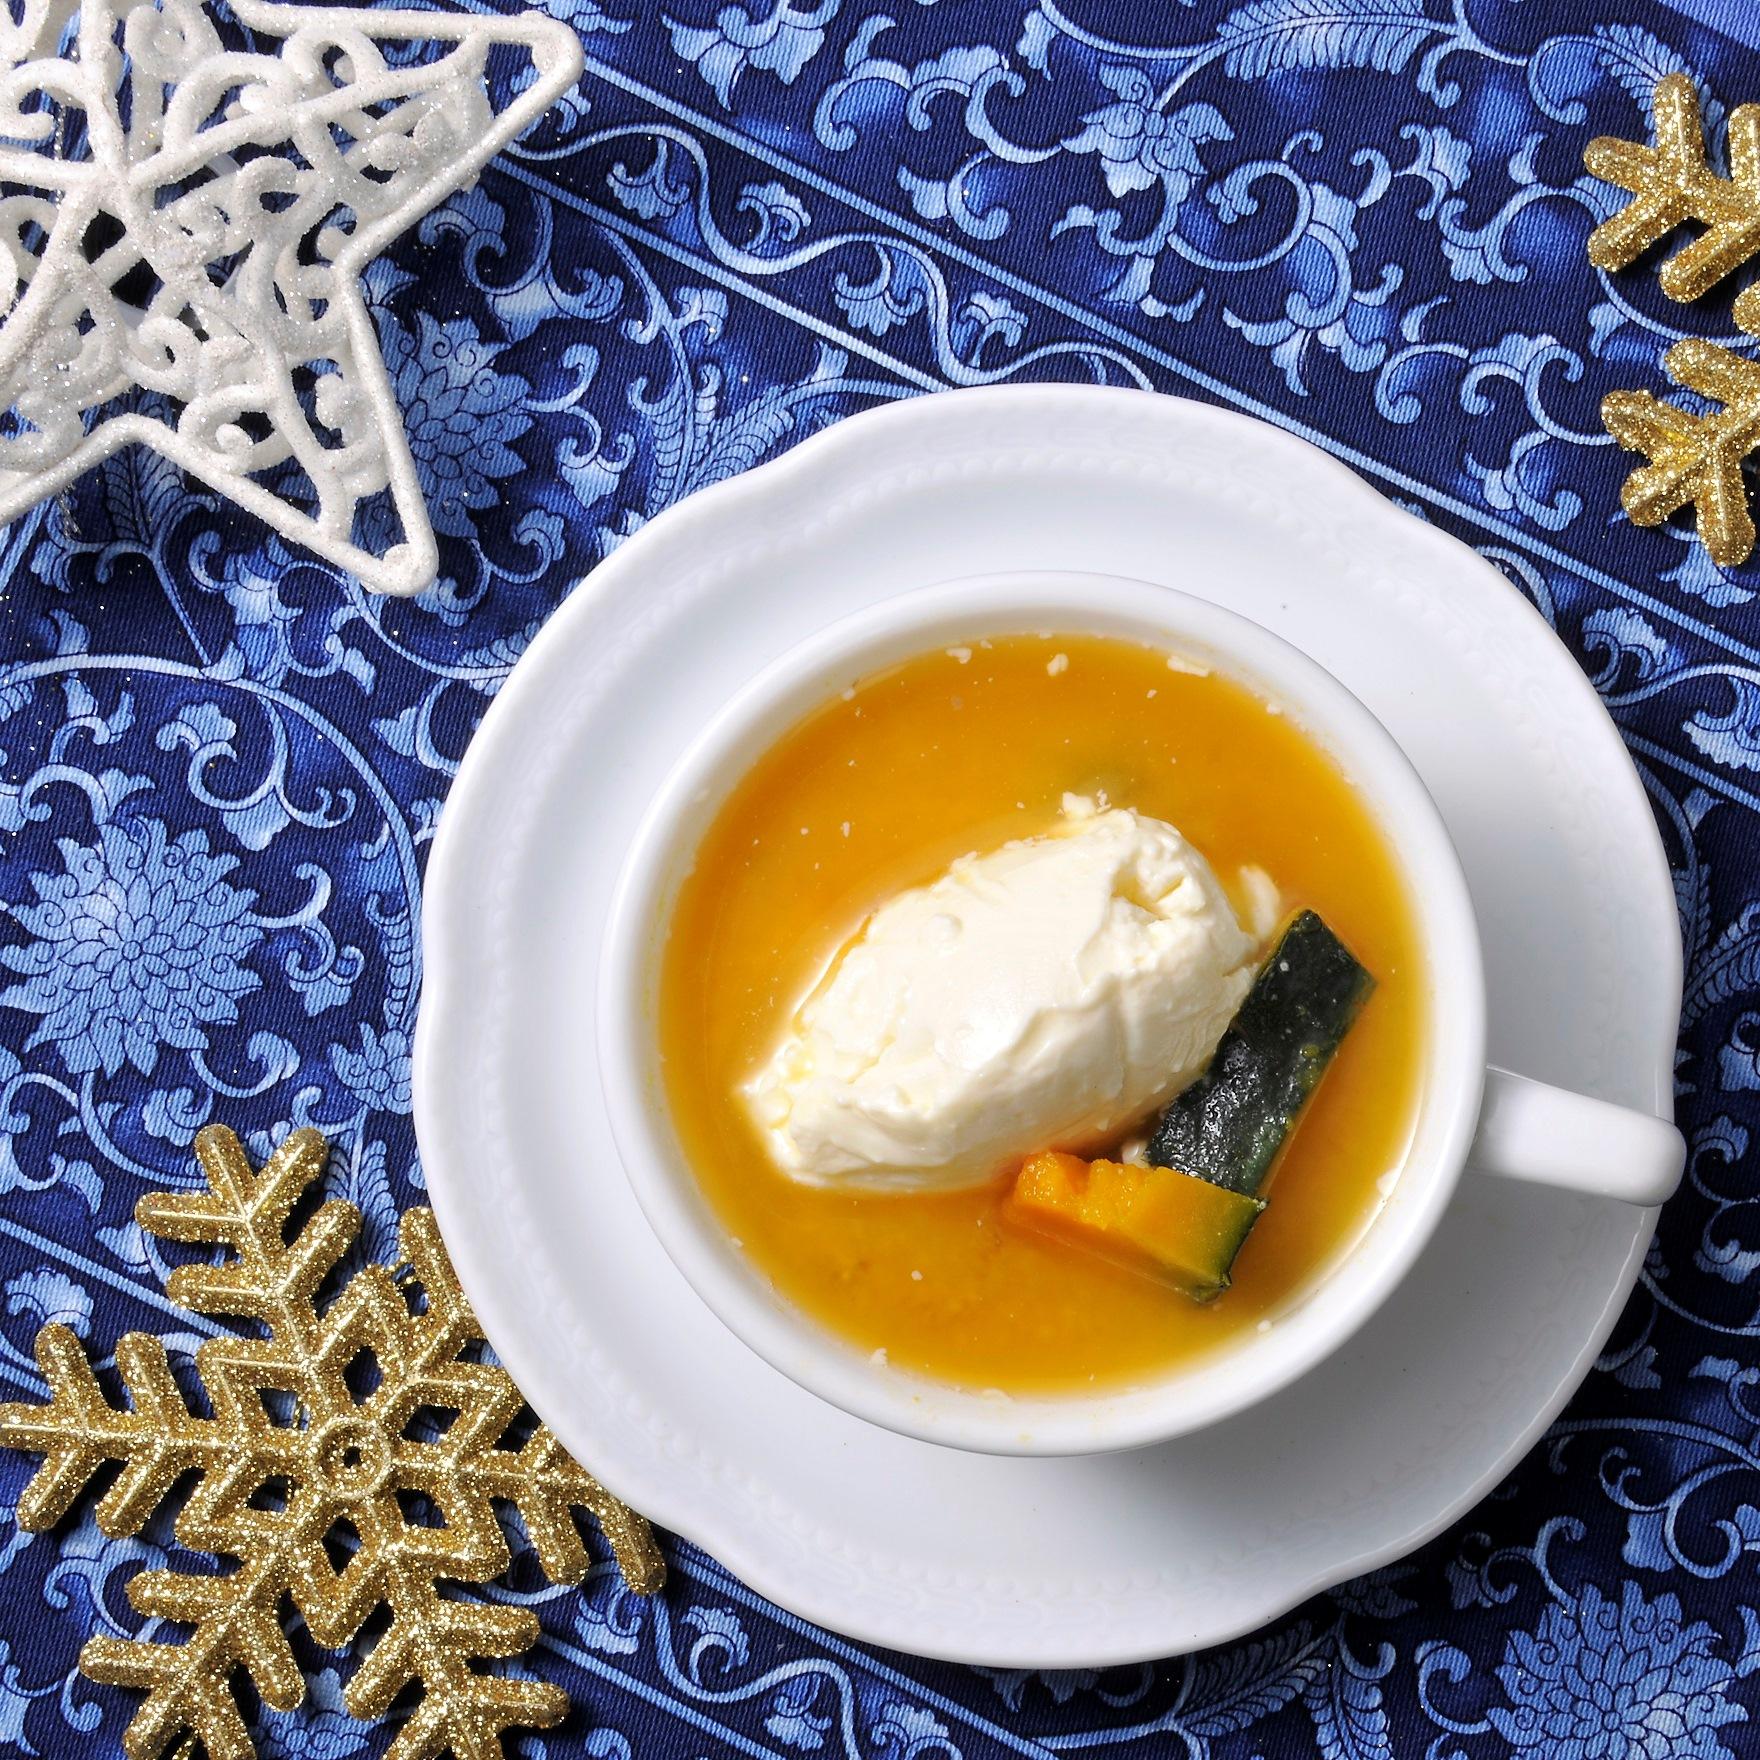 かぼちゃと<br>クリームチーズの味噌スープ